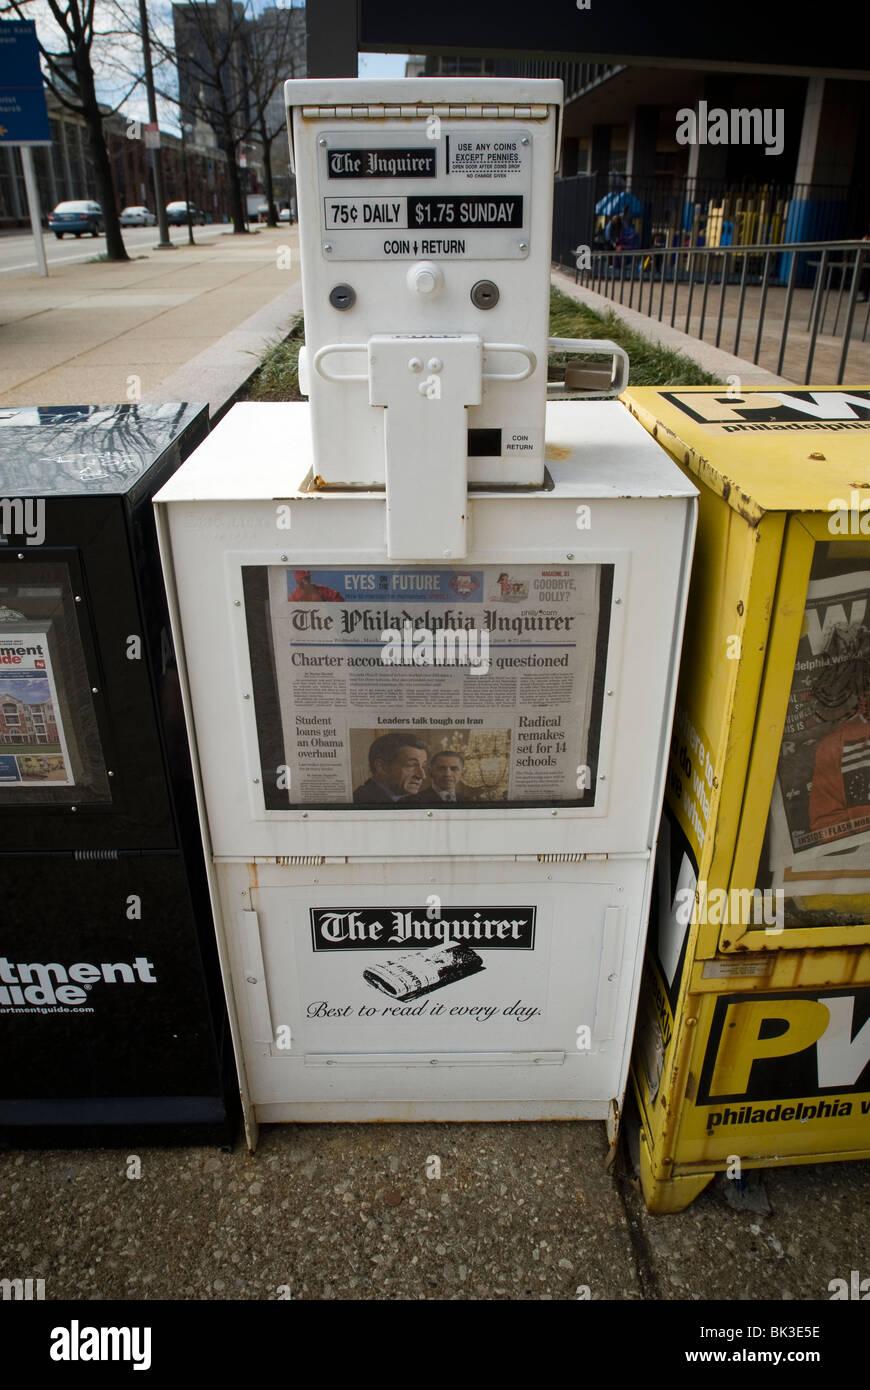 Un Quotidiano Di Box Per Il Philadelphia Inquirer In Philadelphia